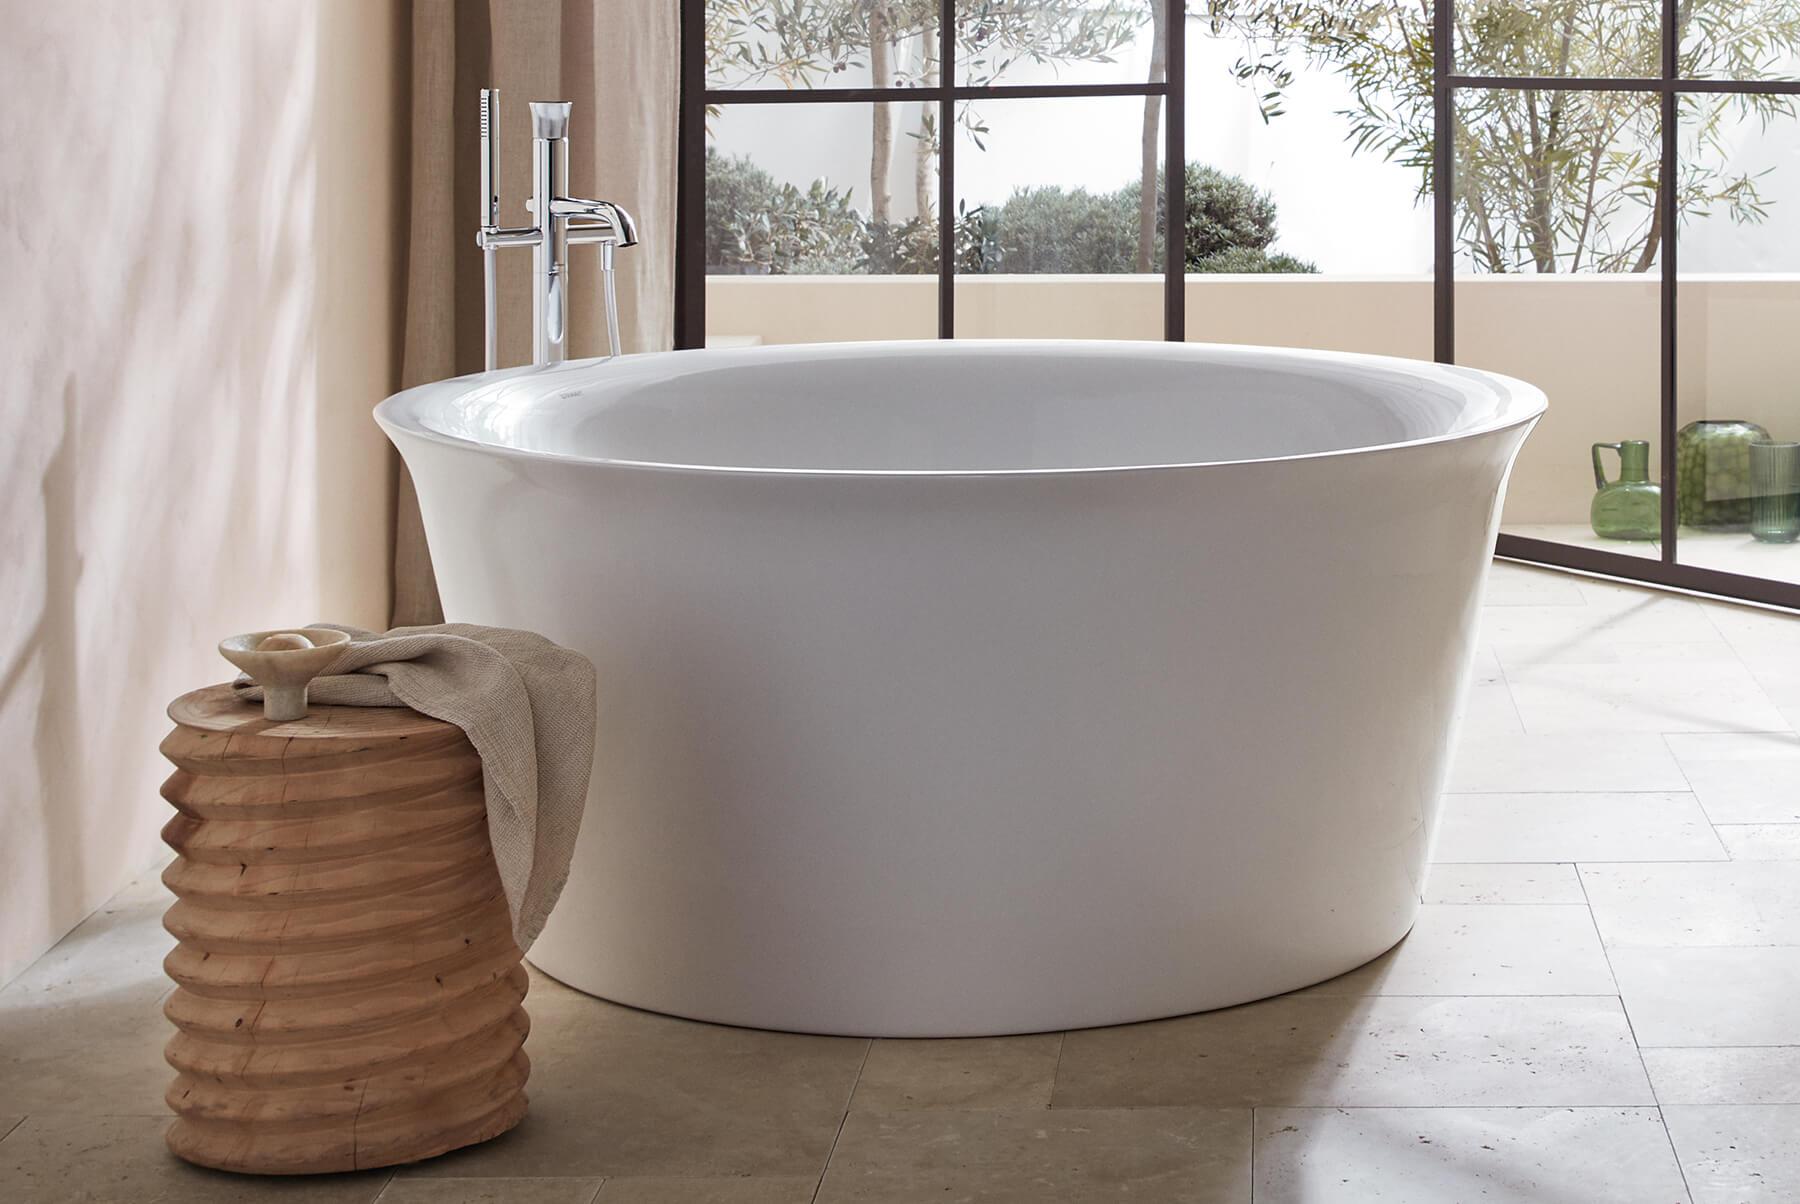 DURAVIT-White-Tulip-Bathtub-round-1800x1204